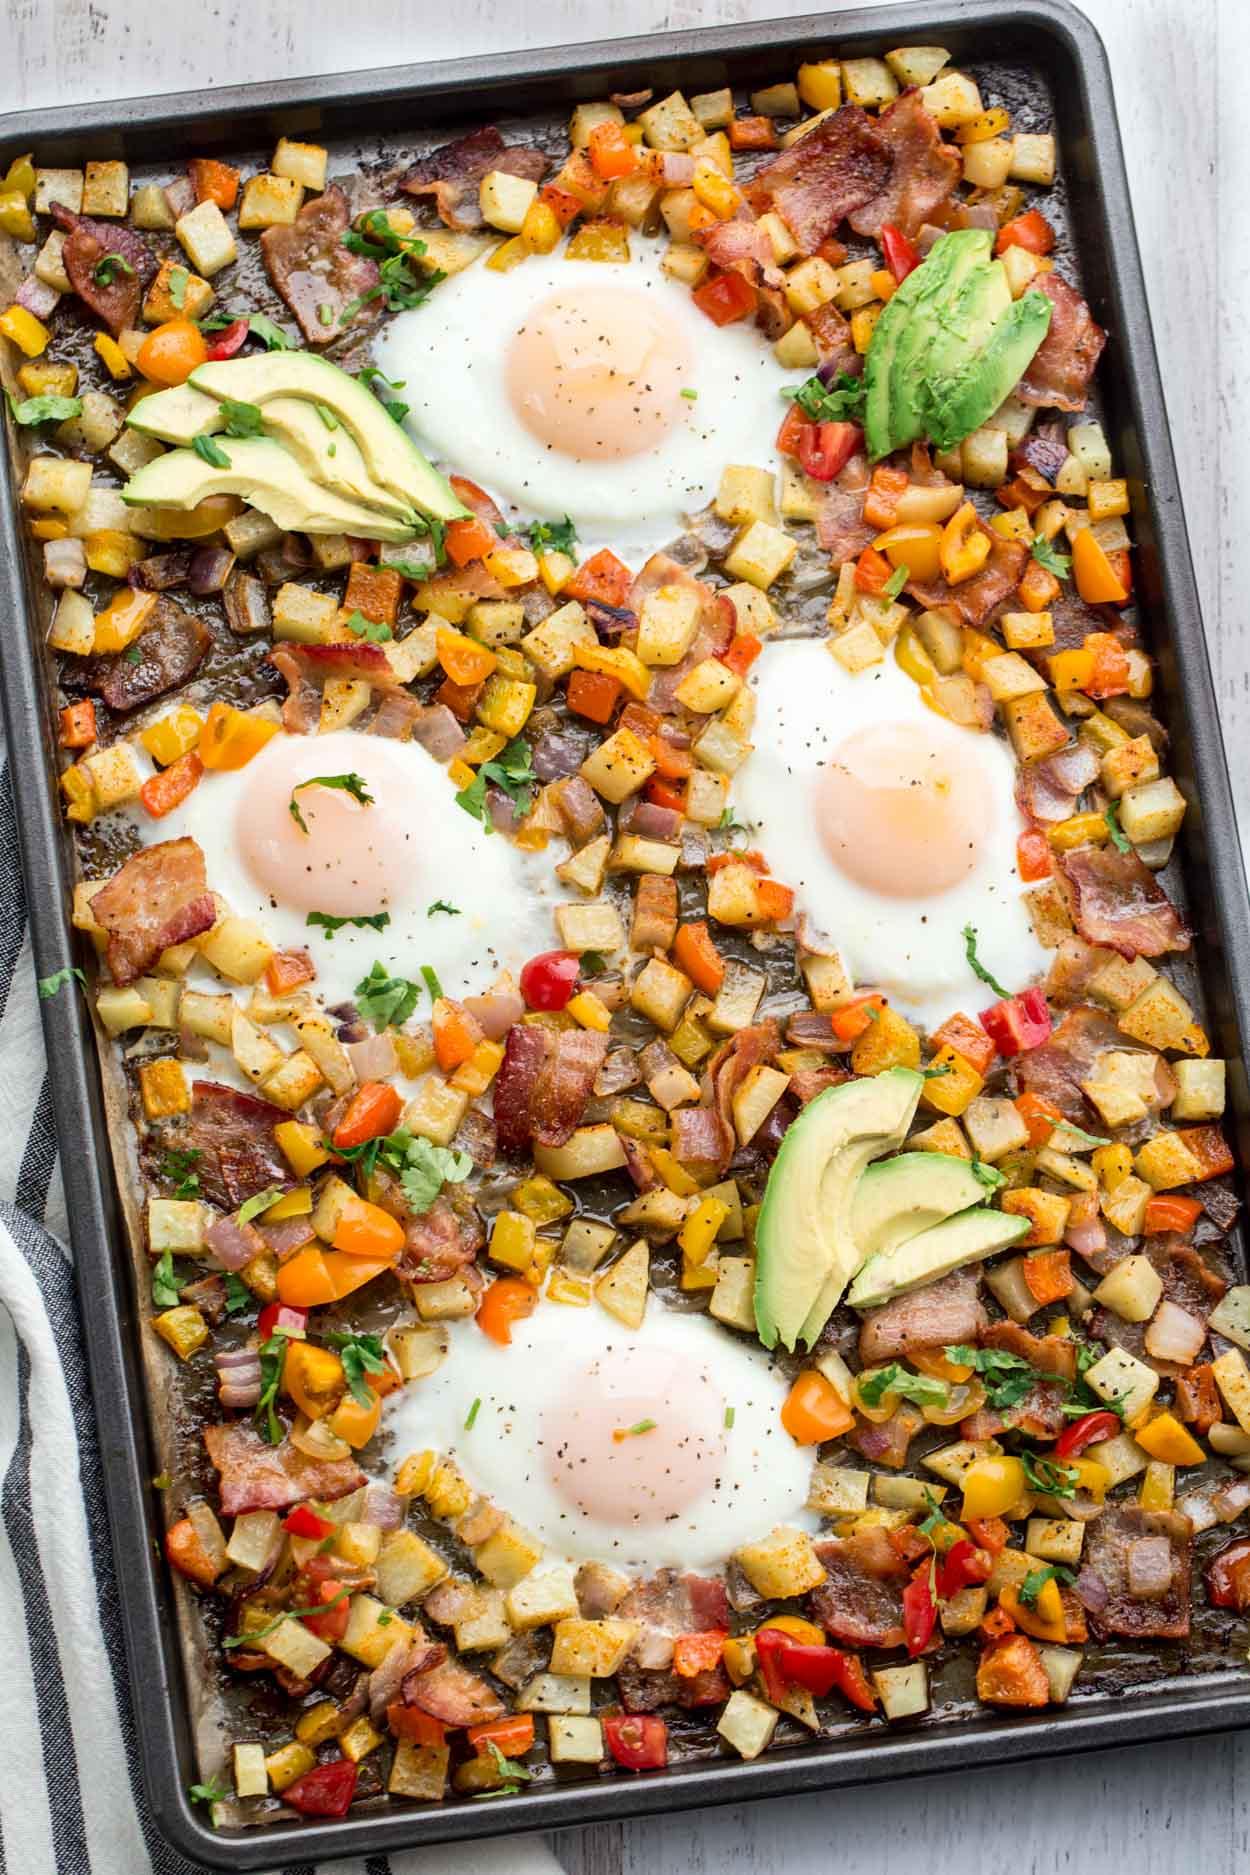 Uma frigideira café da manhã batatas e ovos com legumes e bacon.